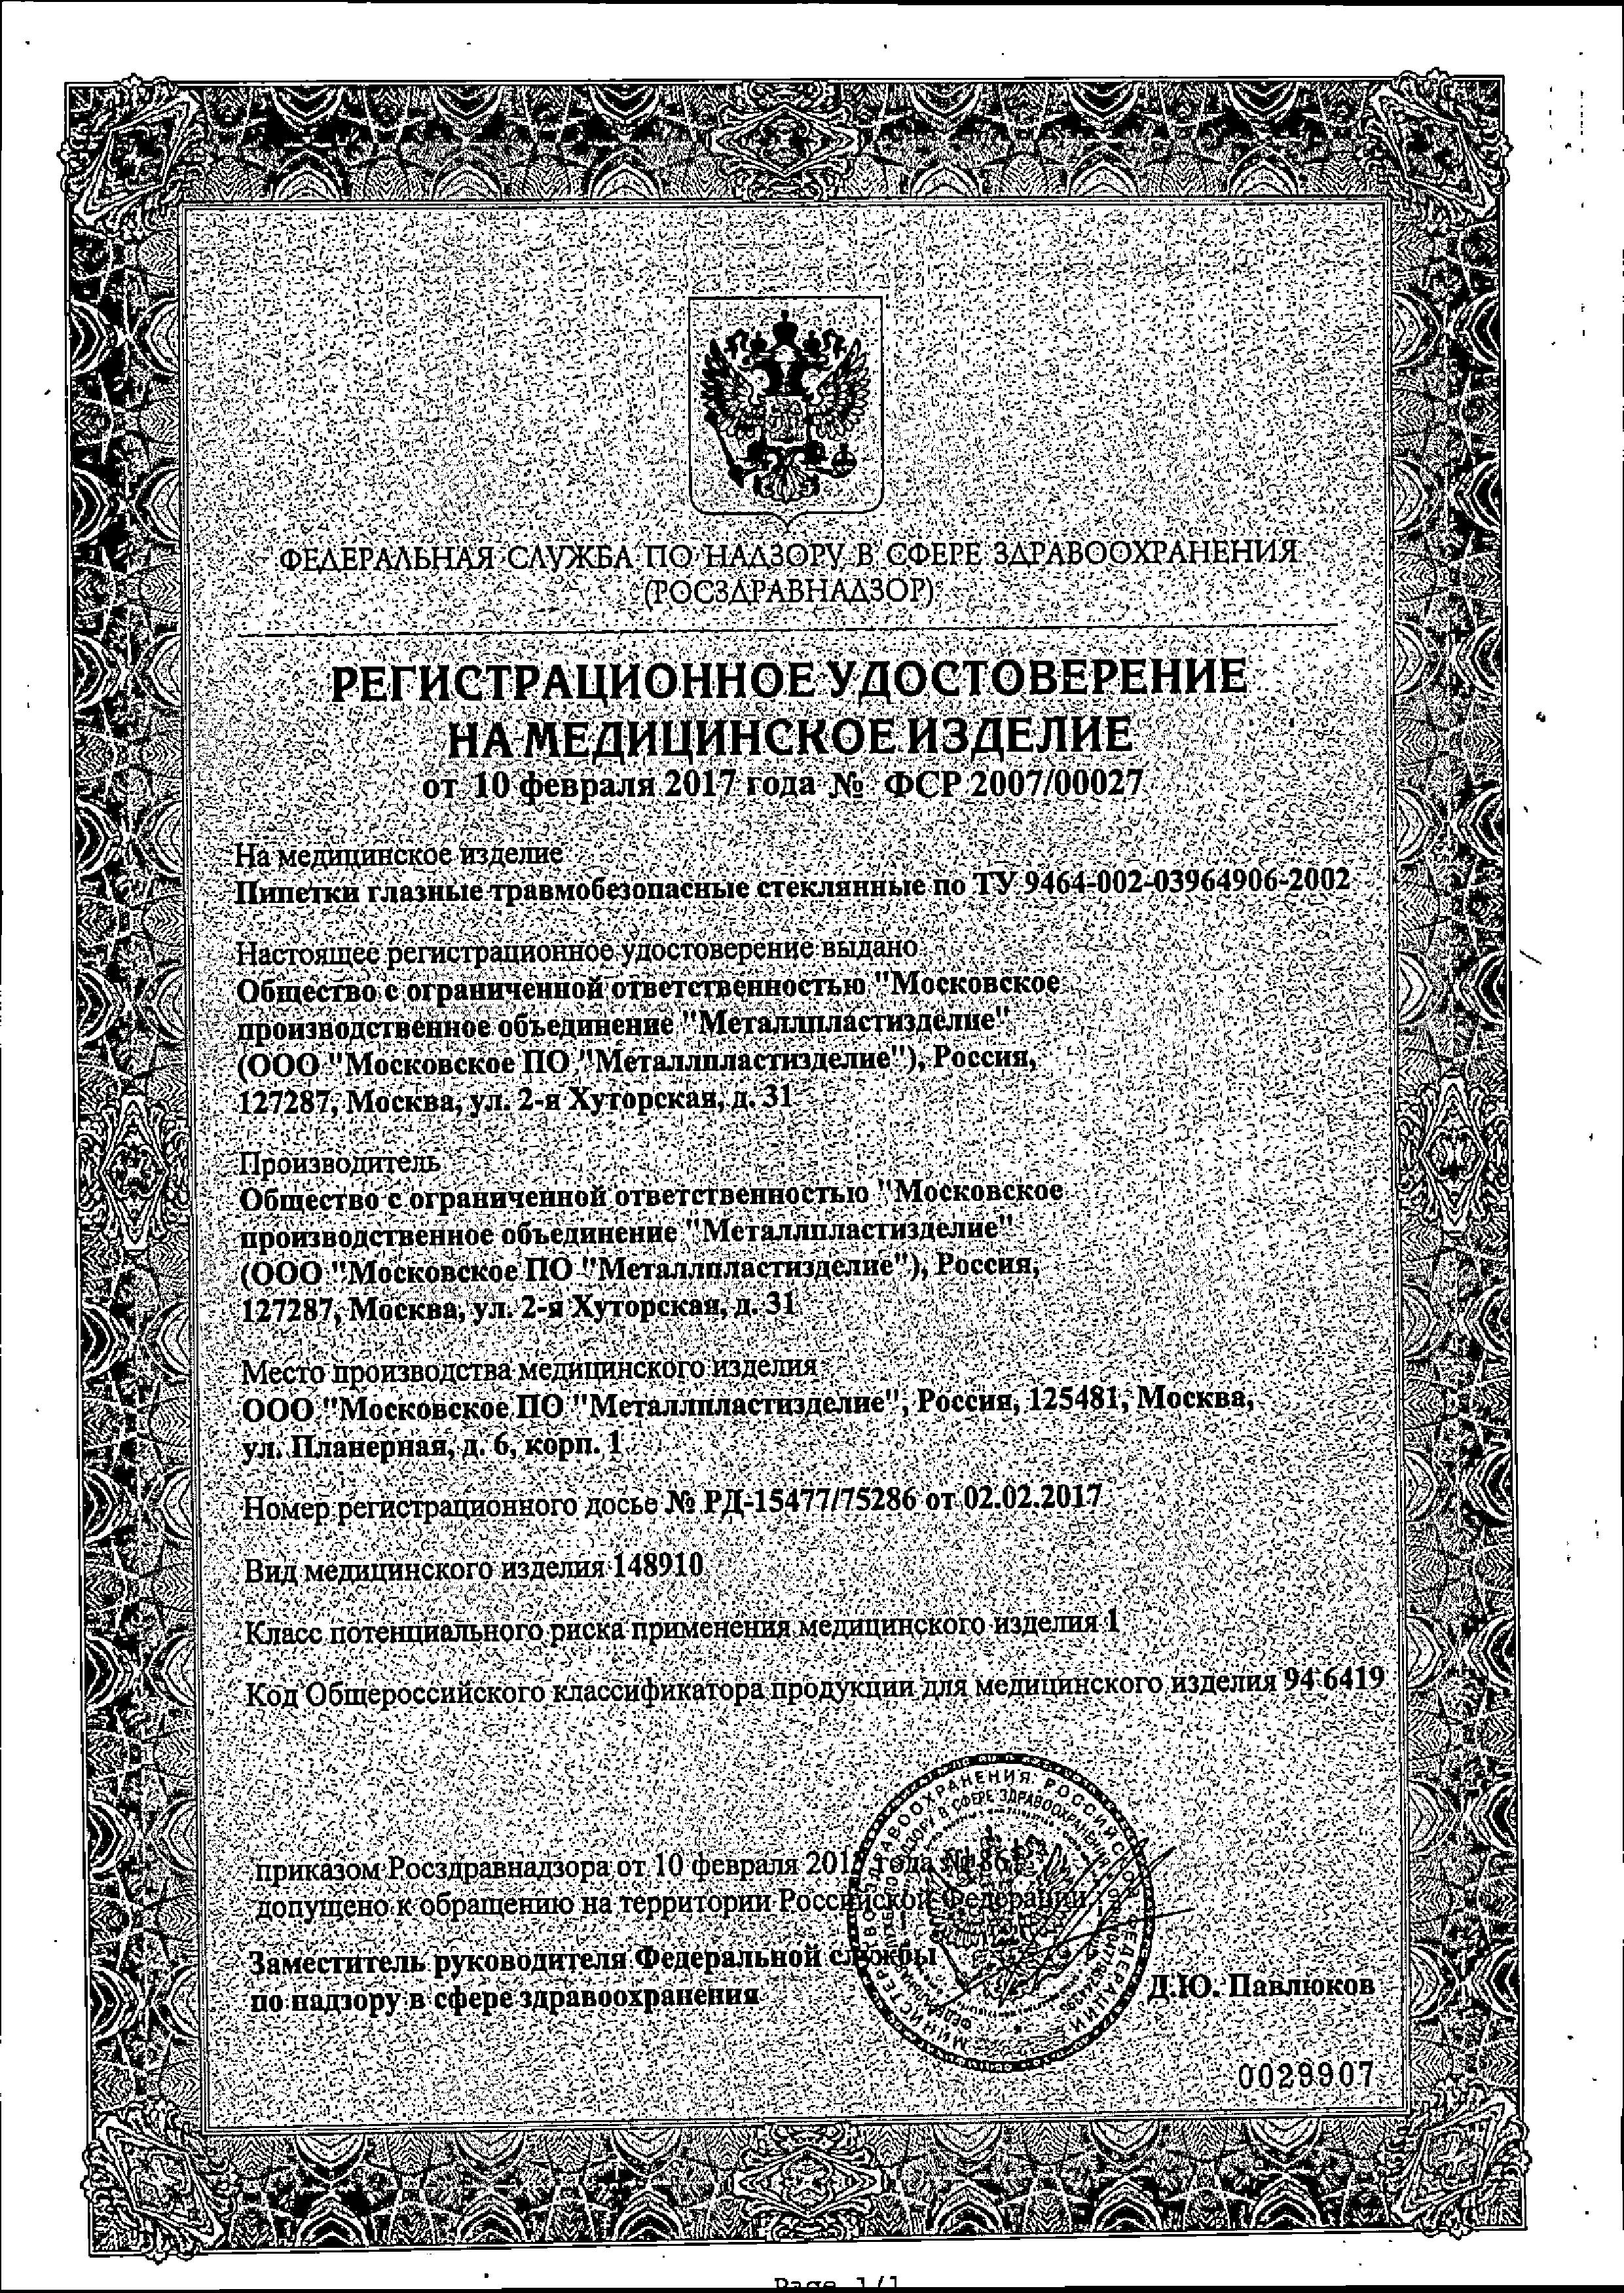 Пипетка глазная травмобезопасная стеклянная сертификат